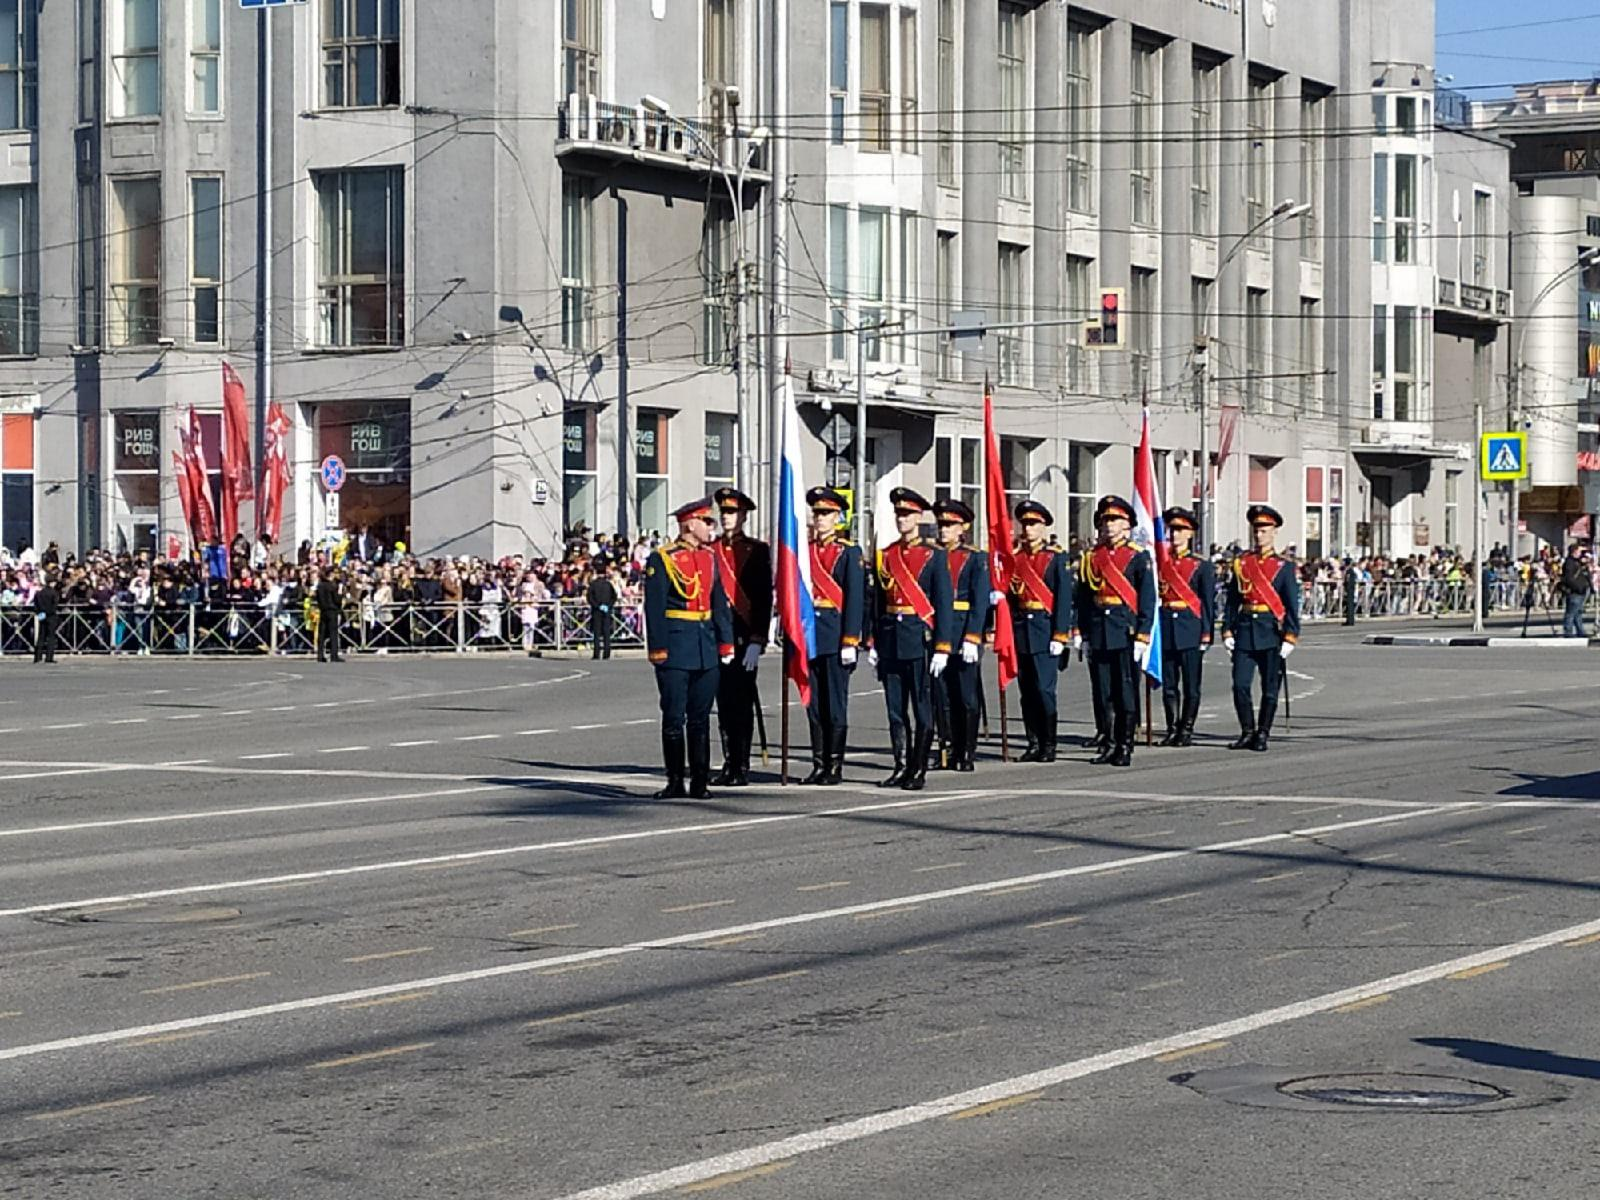 фото В Новосибирске начался парад в честь Дня Победы 2